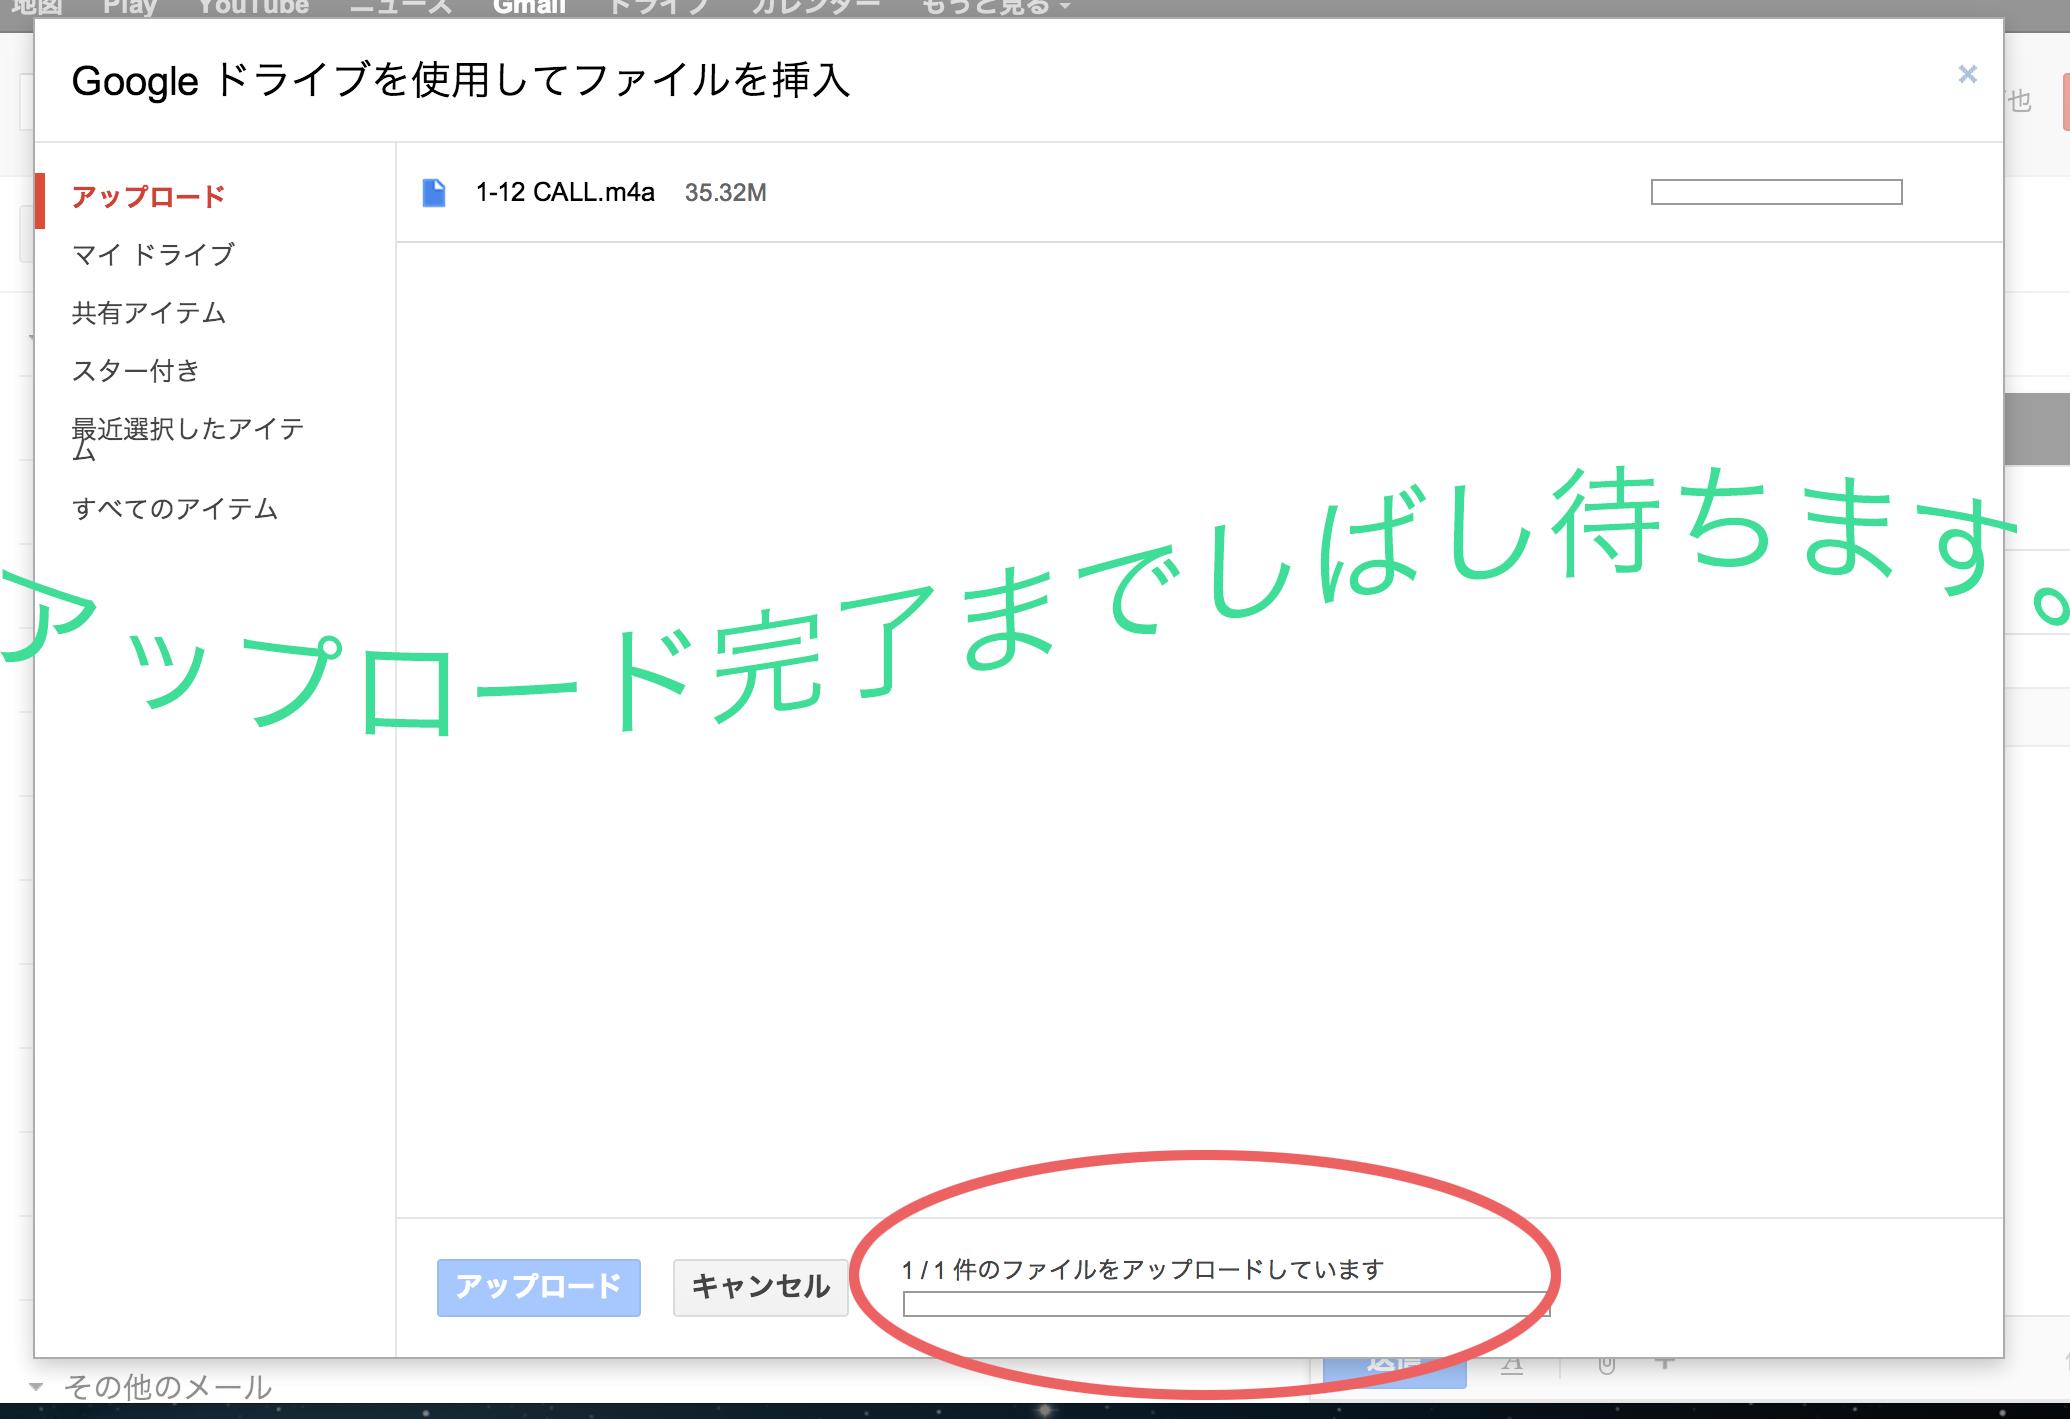 スクリーンショット 2013-06-14 21.28.32